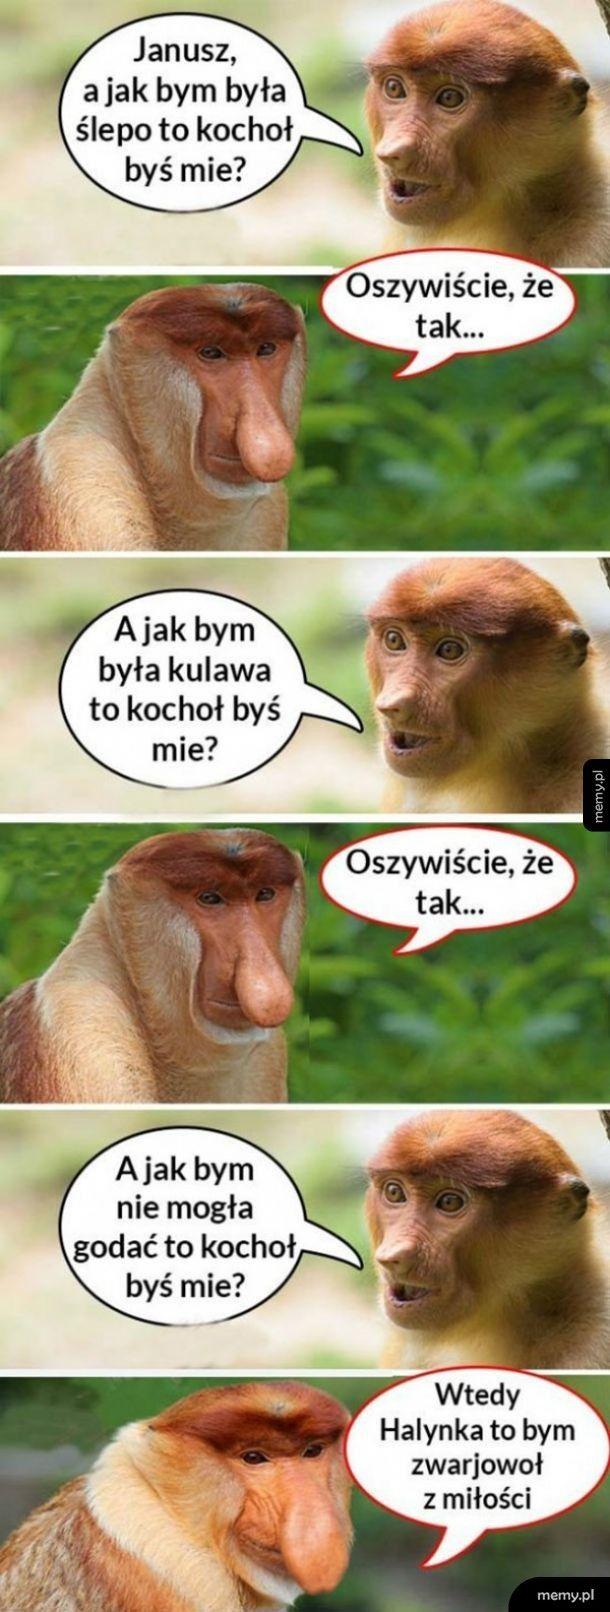 Zakochany Janusz